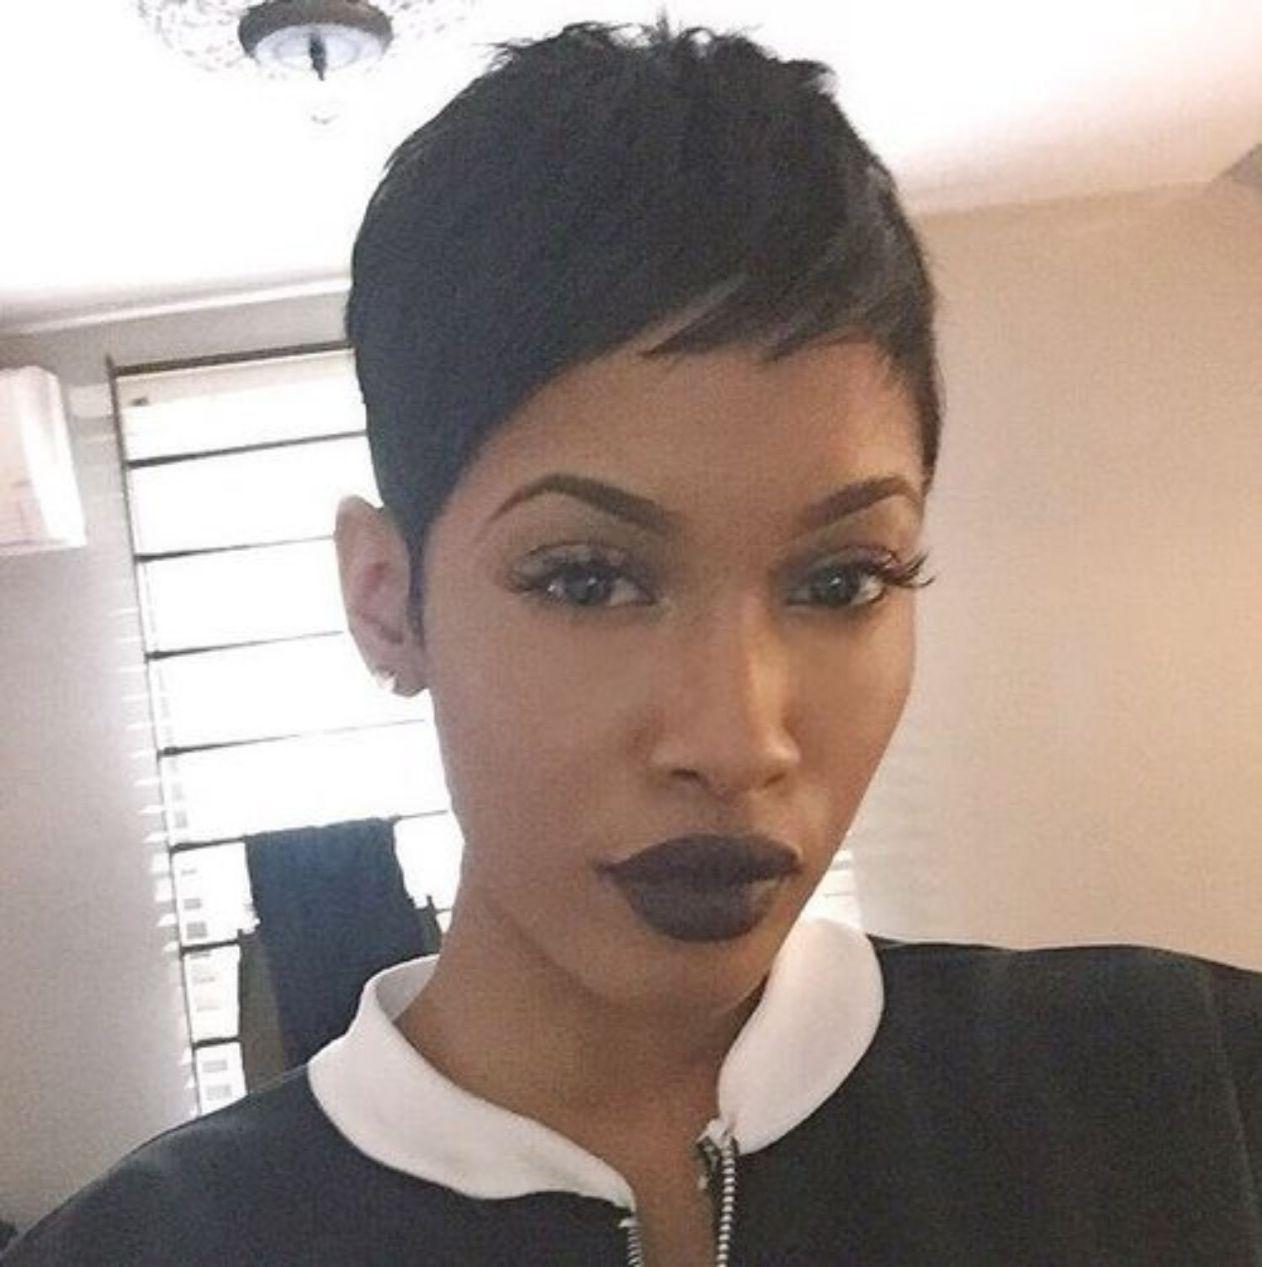 Extra Short Black Pixie Korte Kapsels Afro Kort Zwart Haar Vrouwen Korte Kapsels